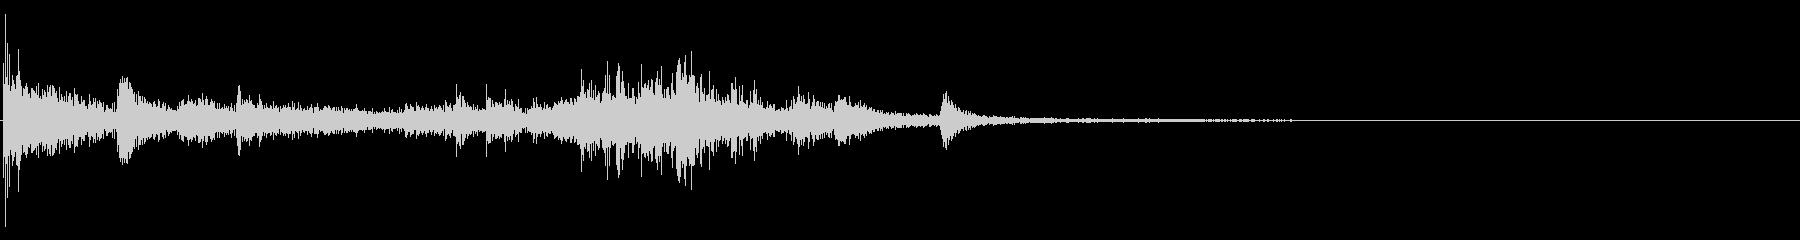 スモールウィンドウ:スマッシュインパクトの未再生の波形